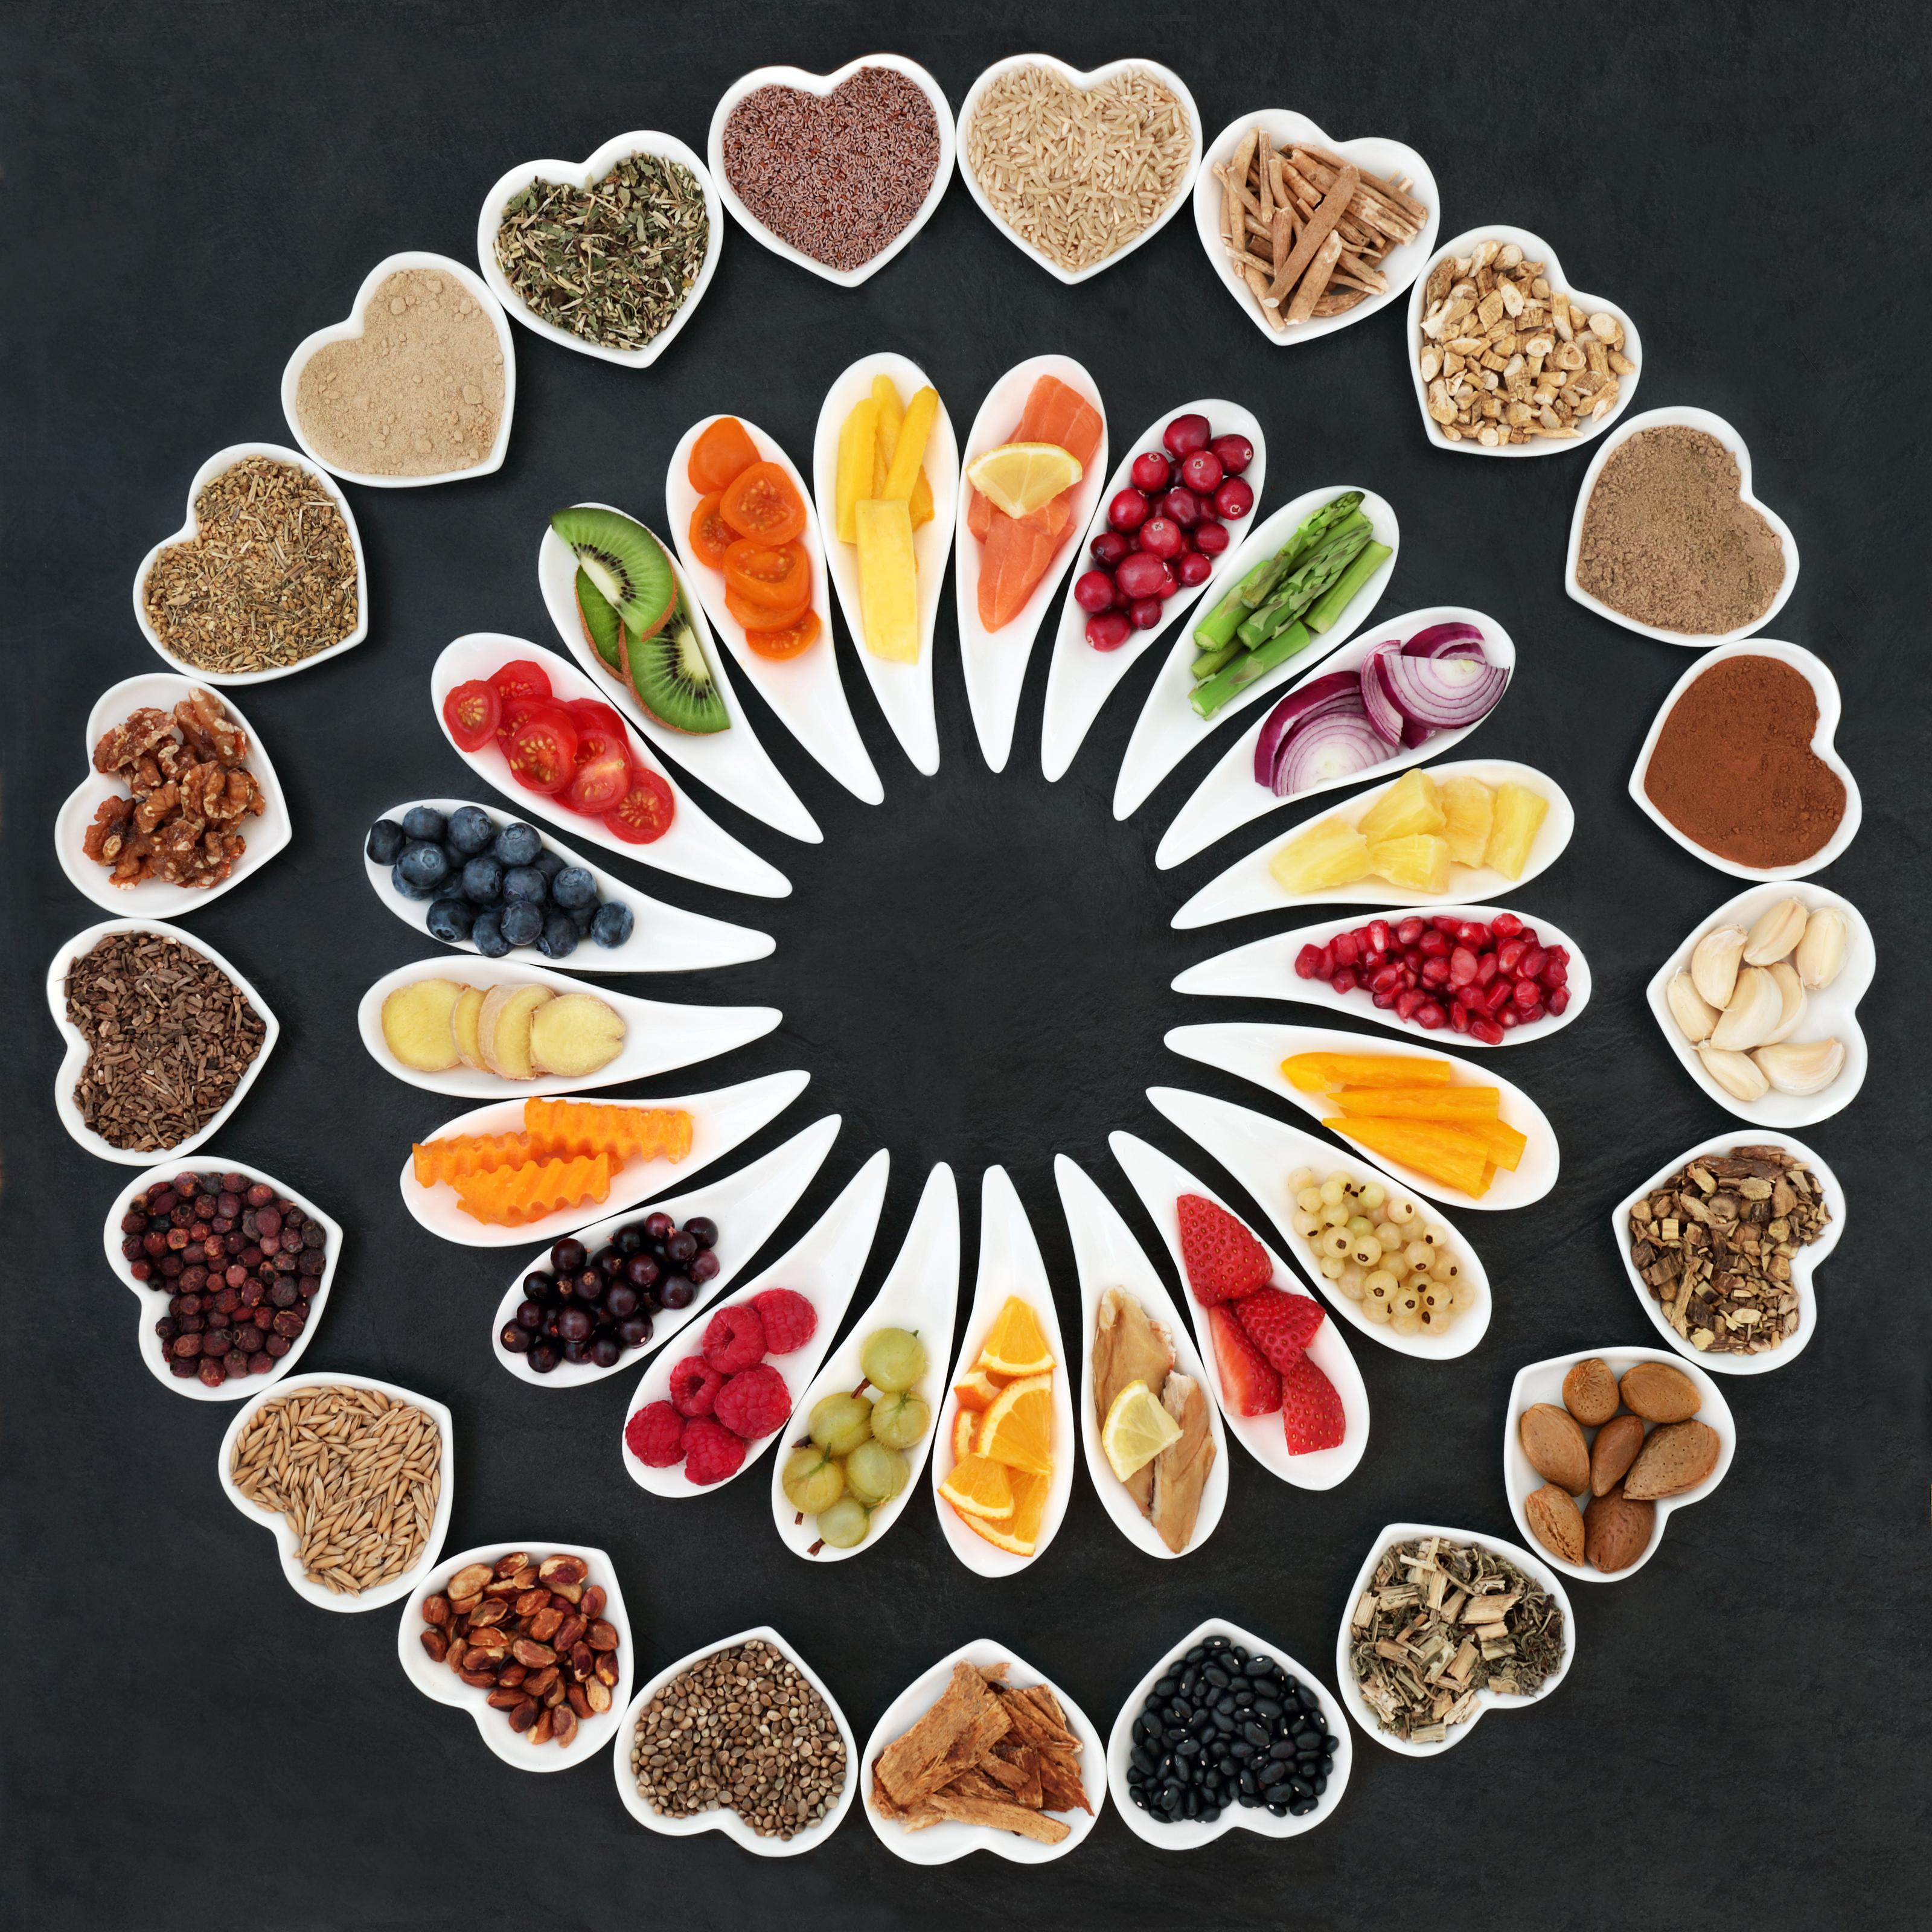 Фотография сердечко Еда Овощи Ягоды Специи Фрукты Орехи Серый фон 3200x3200 Сердце Пища пряности приправы Продукты питания